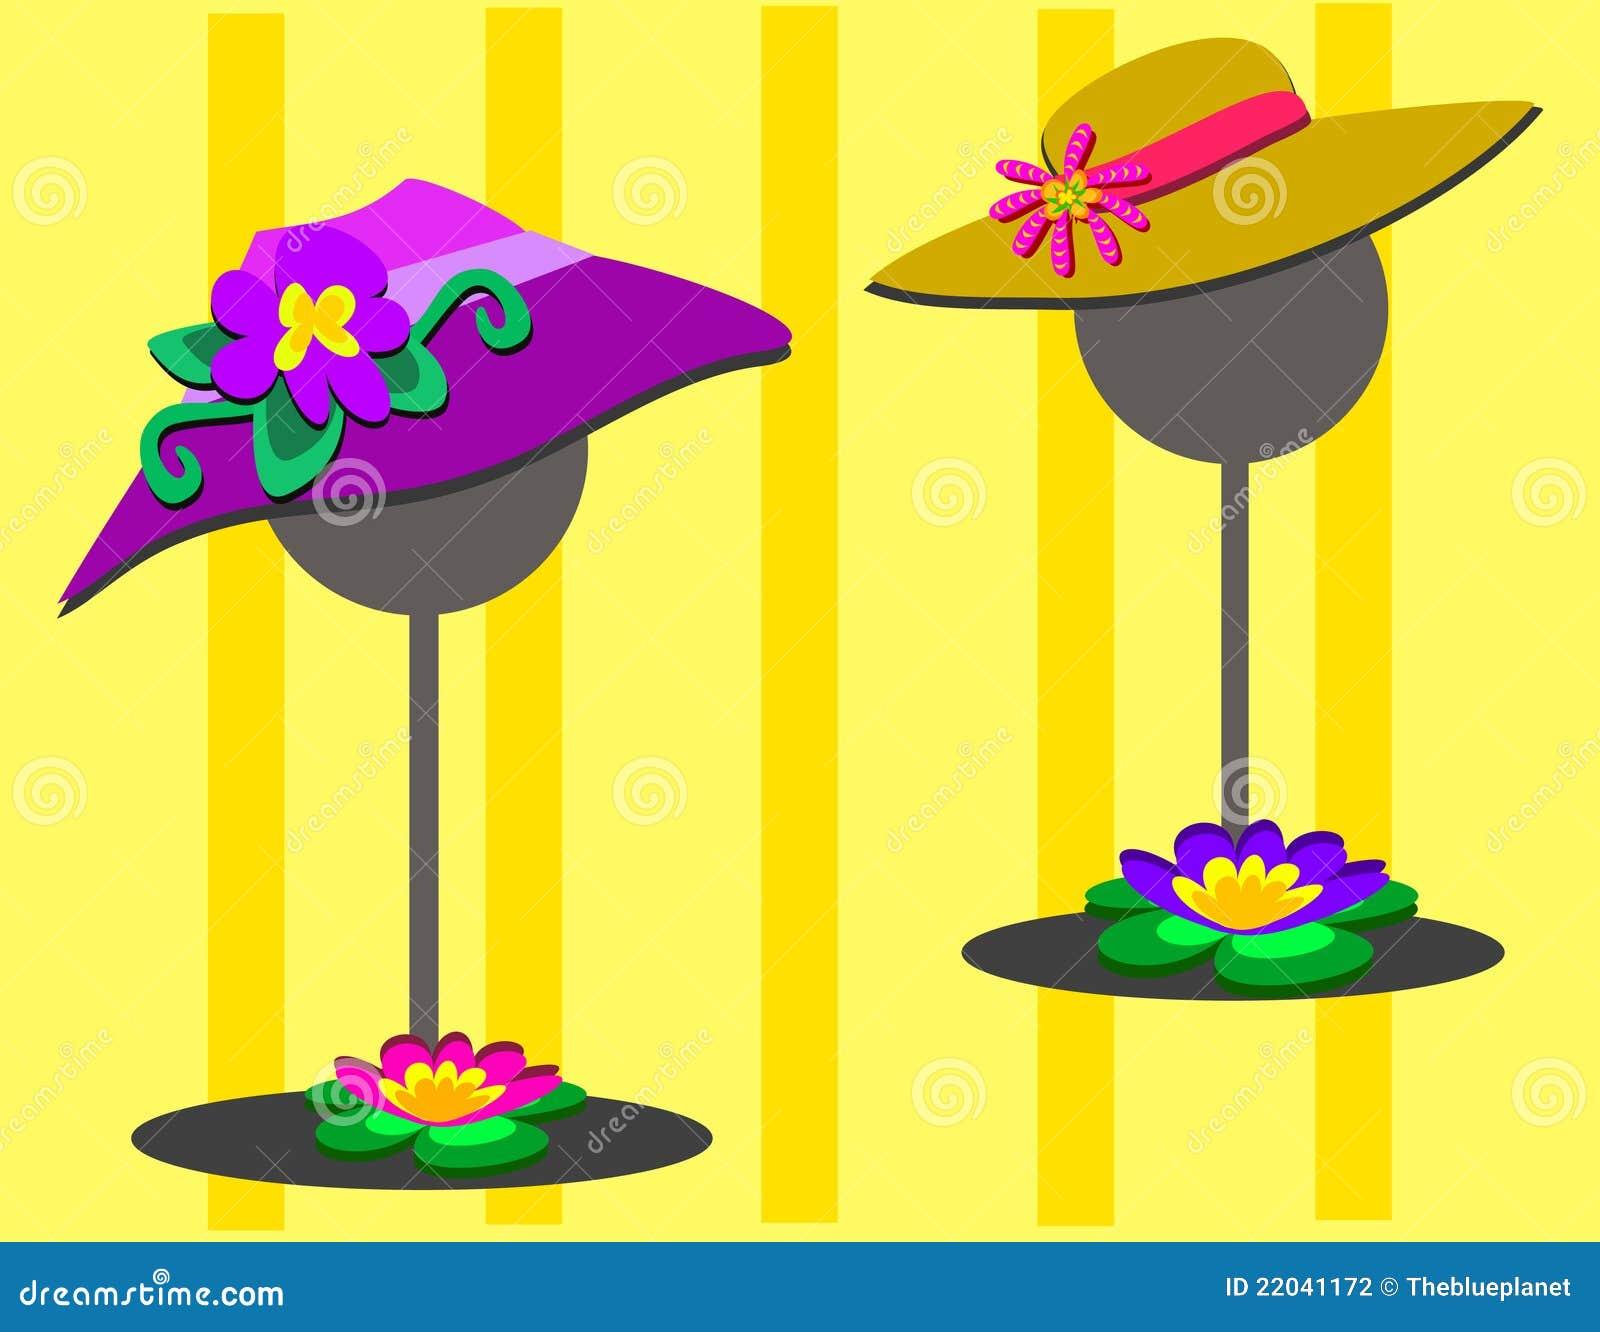 Deux chapeaux sur des stands